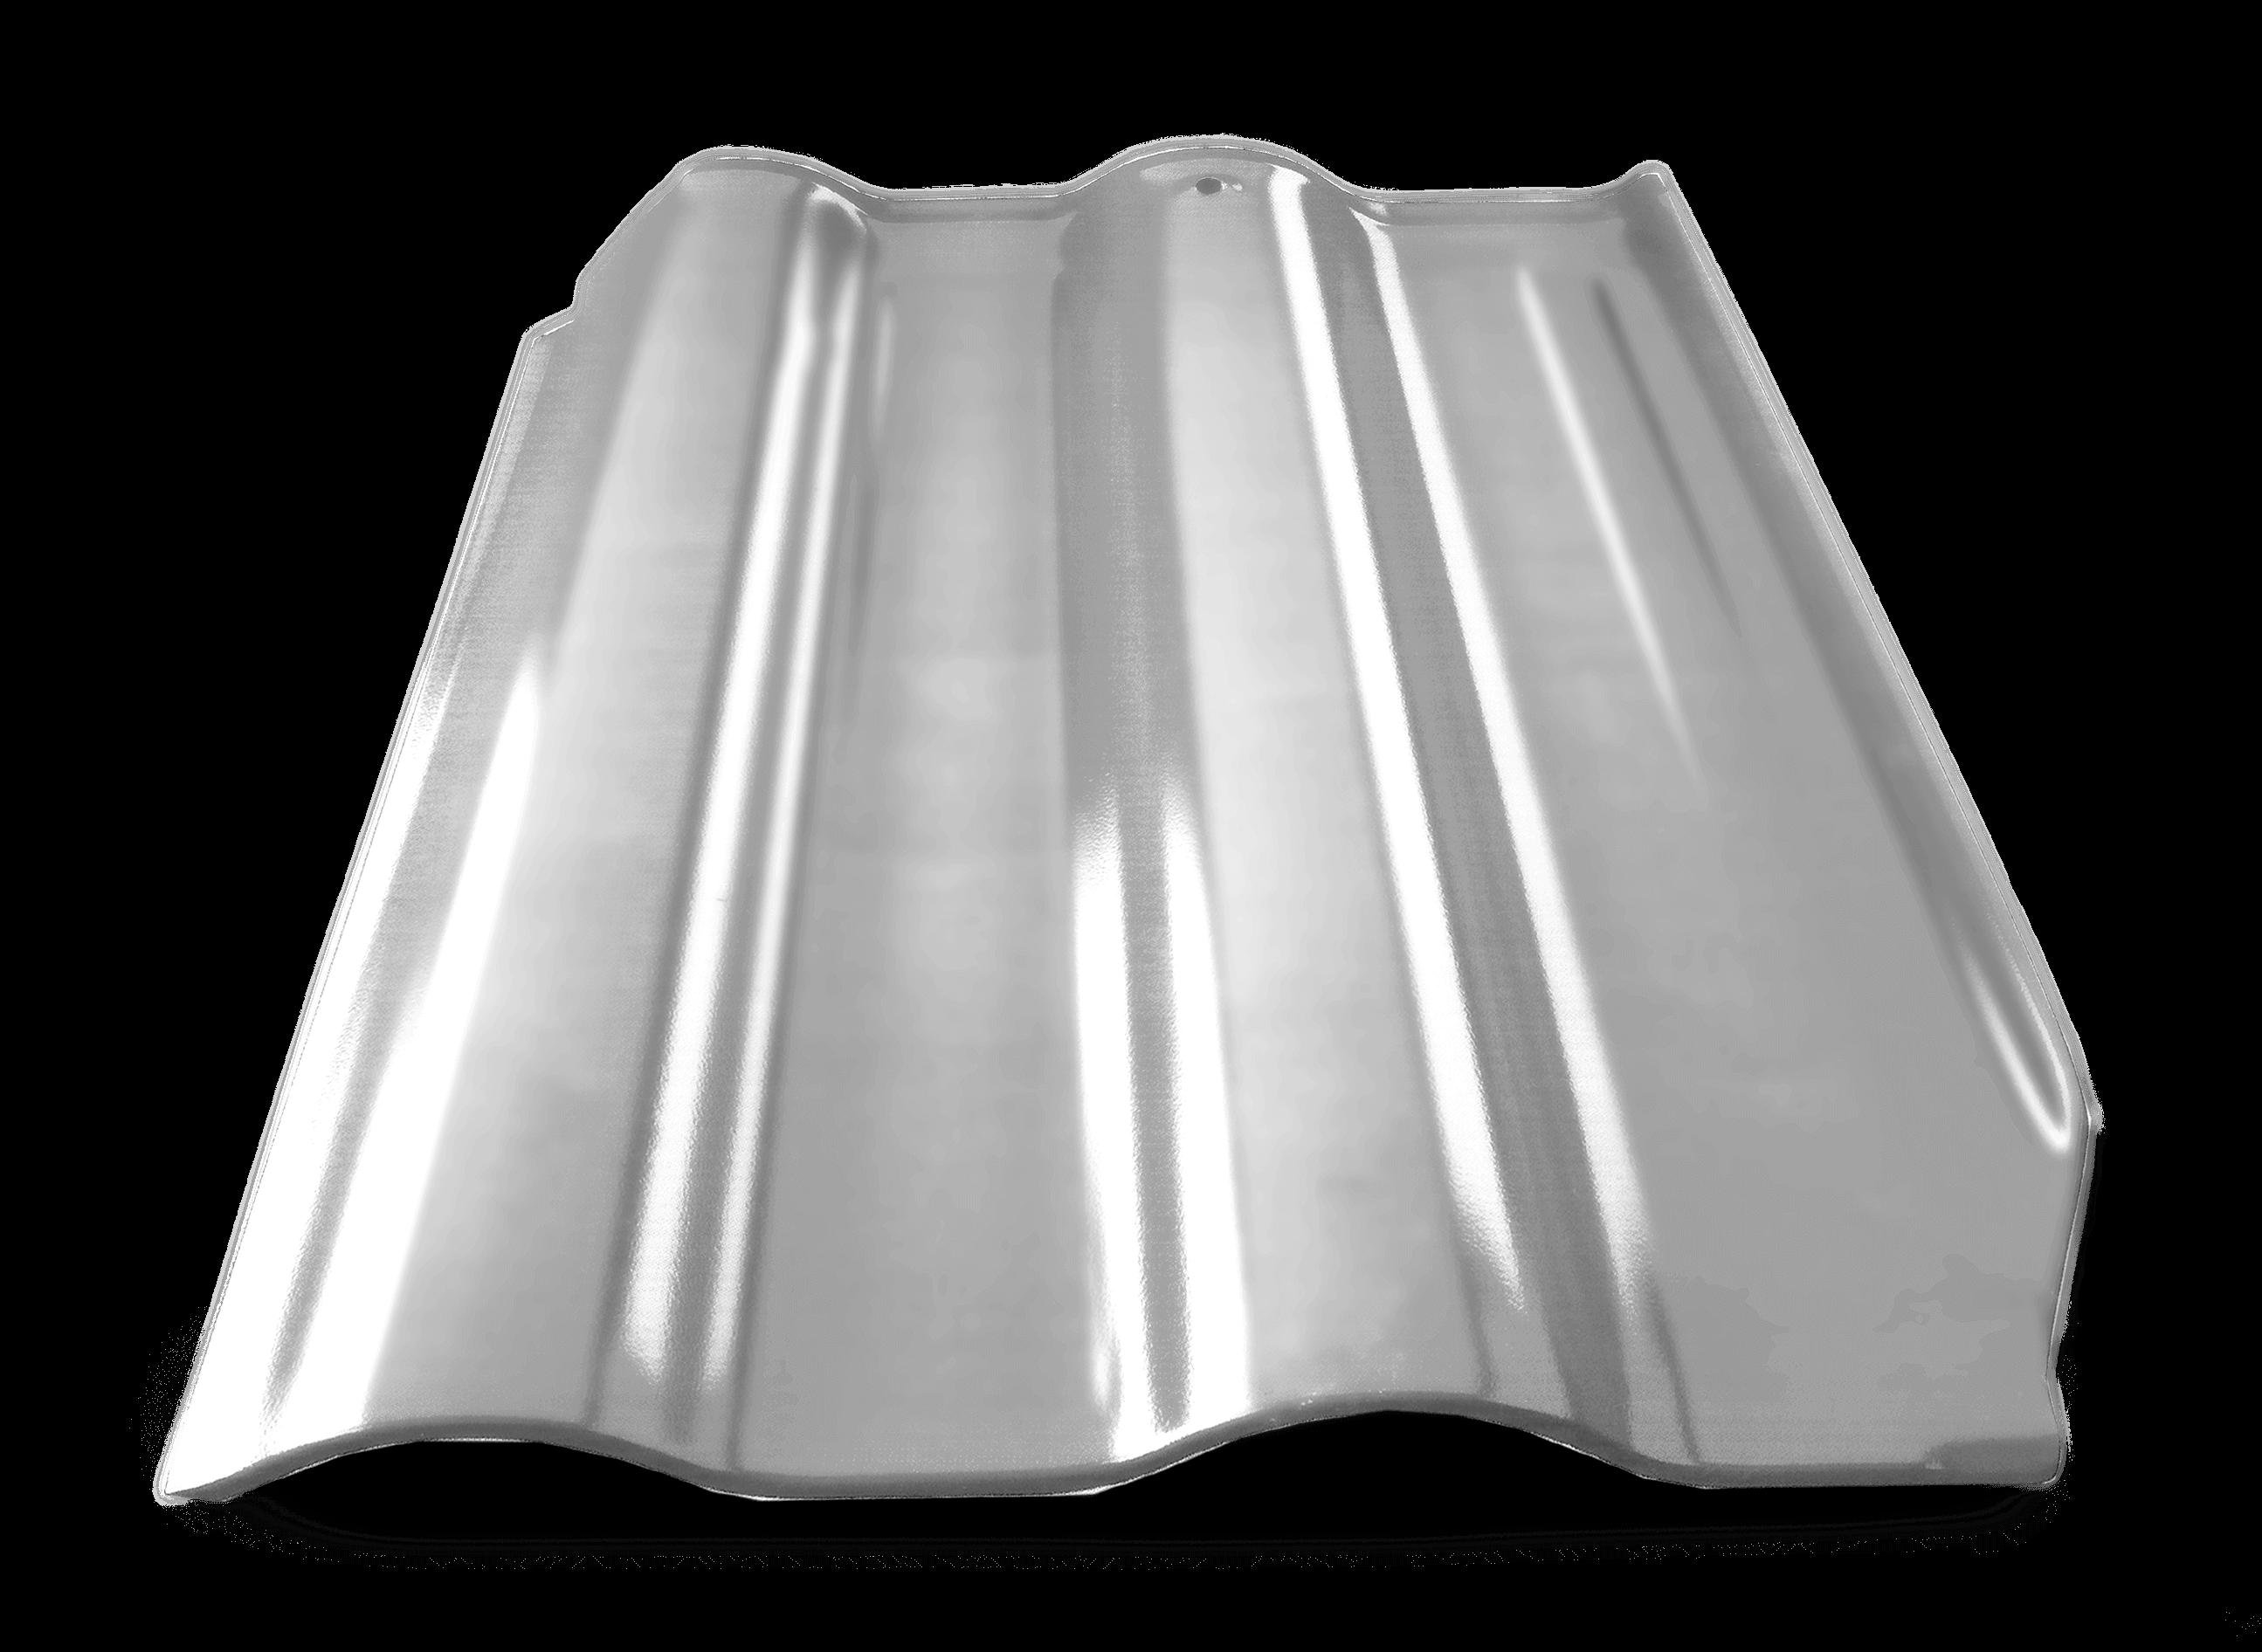 Premier-Roof-Tile-gray-t